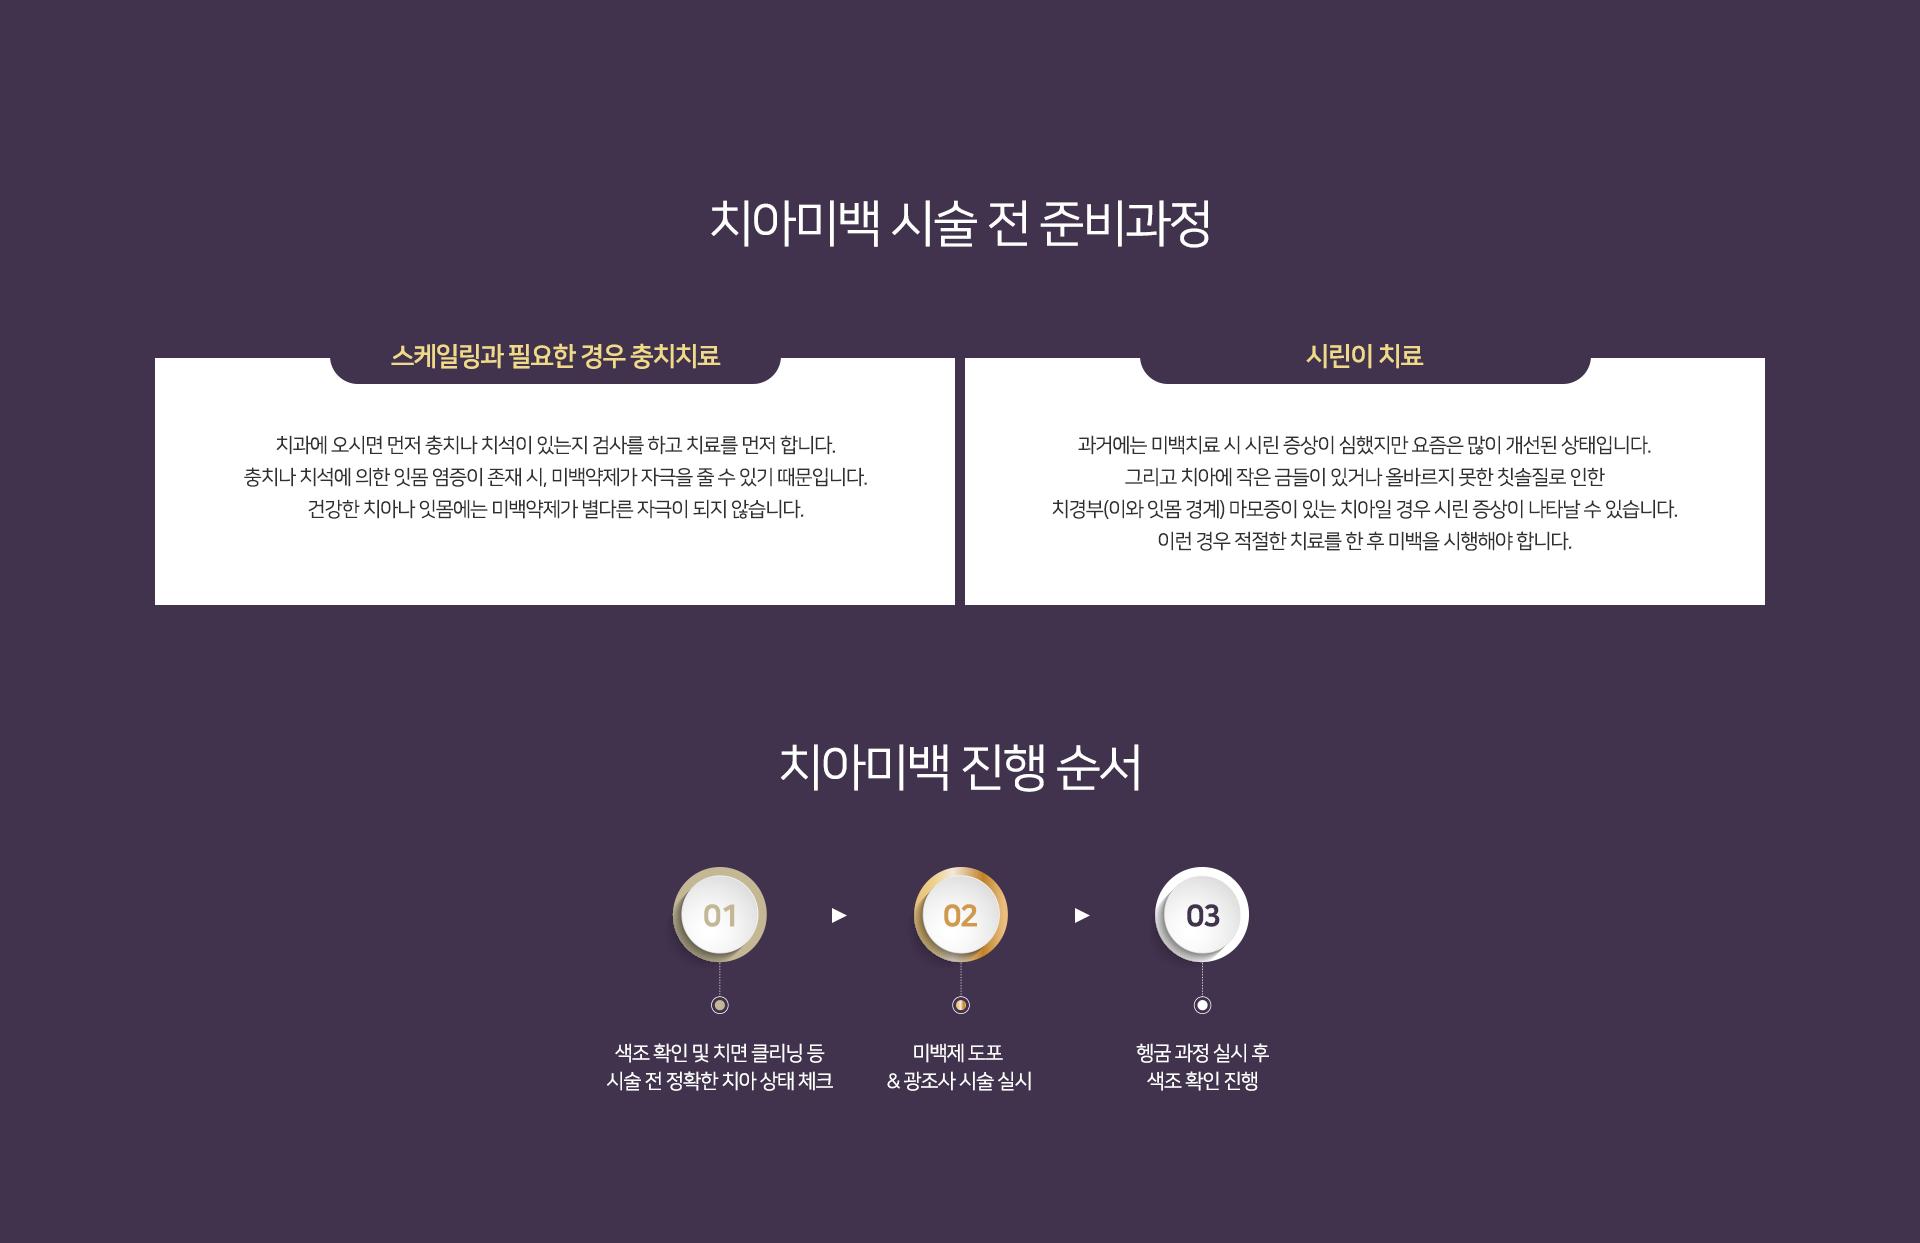 치아미백 시술 전 준비과정